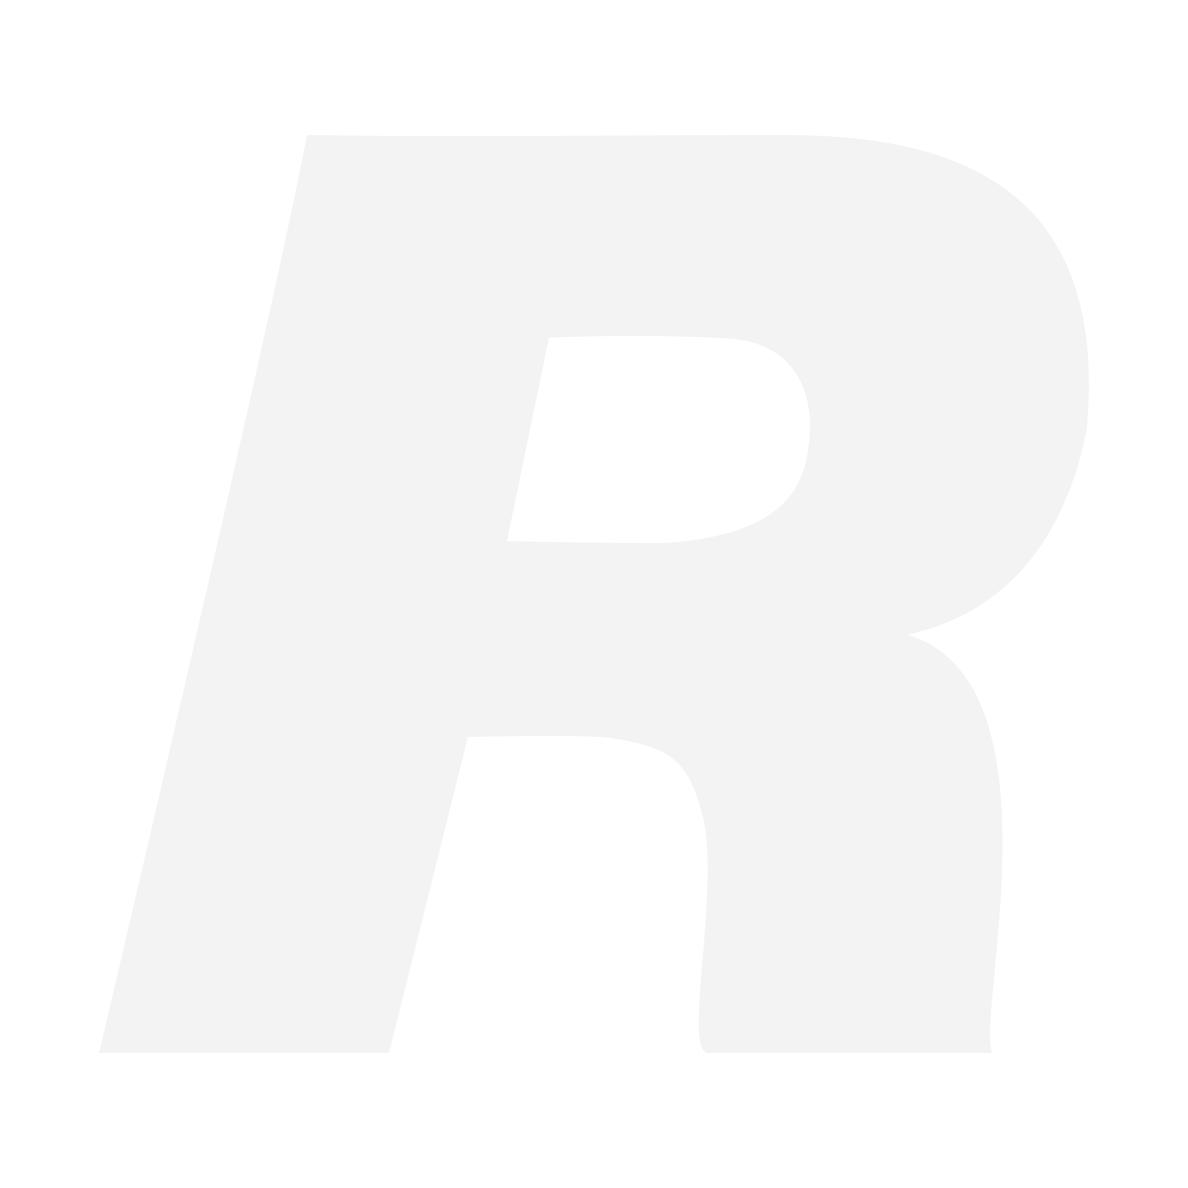 CANON EOS 1D X (SIS. ALV. 24%) KÄYTETTY